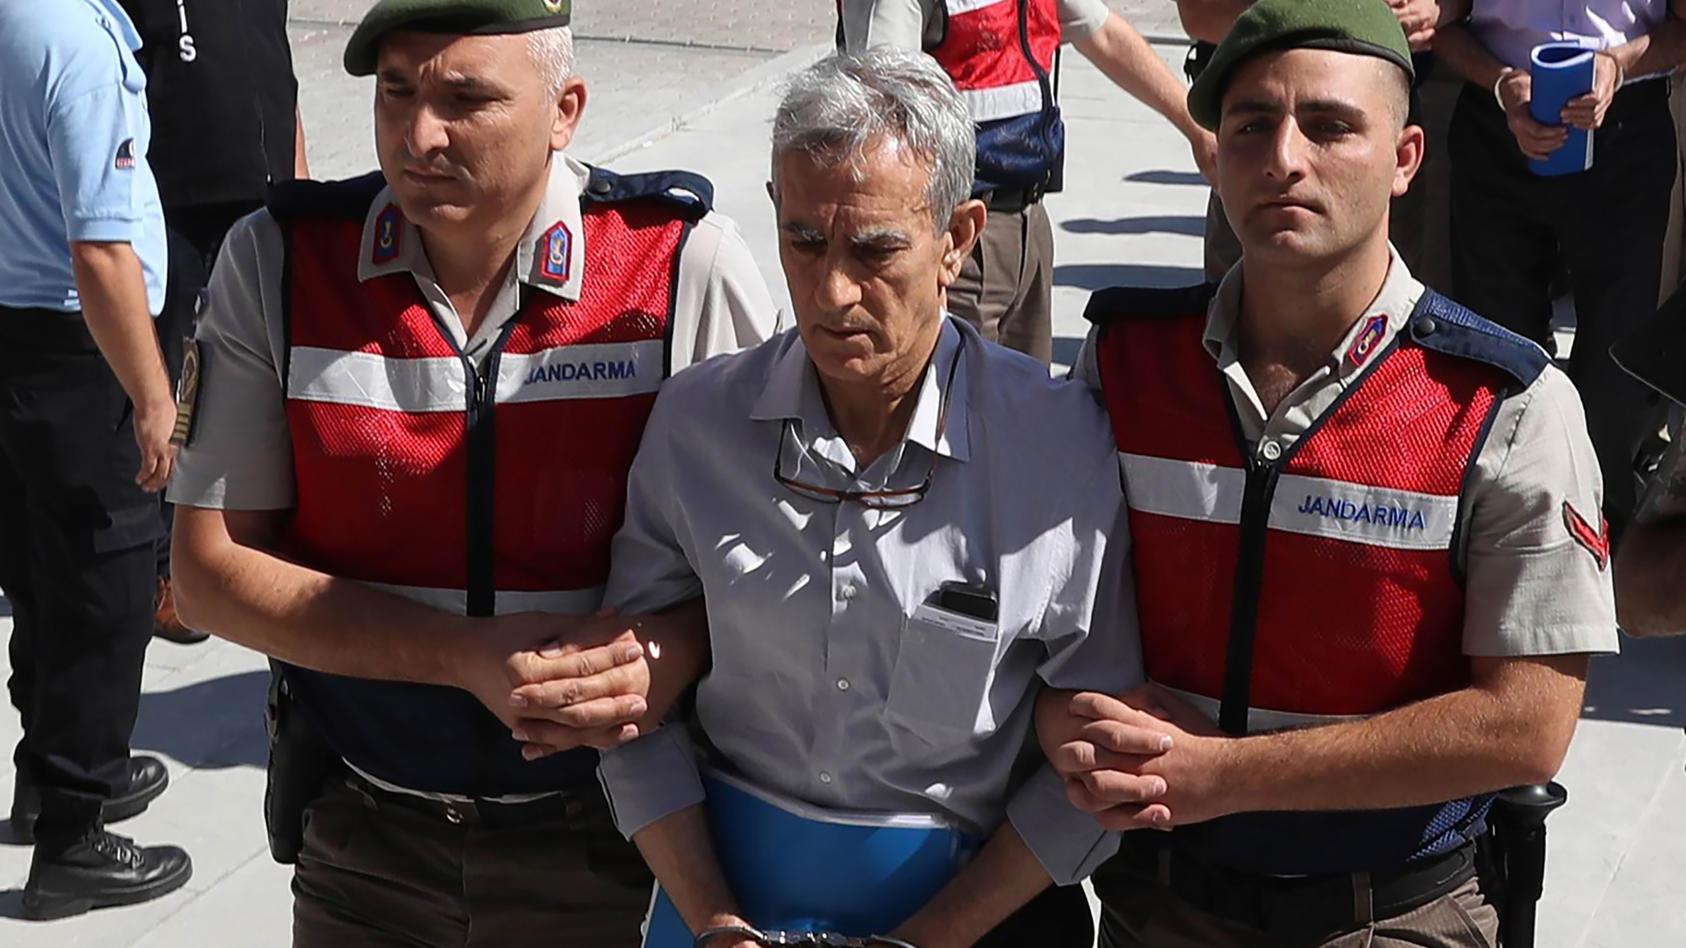 Der ehemalige Ex-Kommandeur der Luftwaffe Akin Öztürk als er 2017 zum Prozess geführt wird. Er gilt aus Sicht der türkischen Regierung als einer der Hauptverantwortlichen für den Putschversuch.